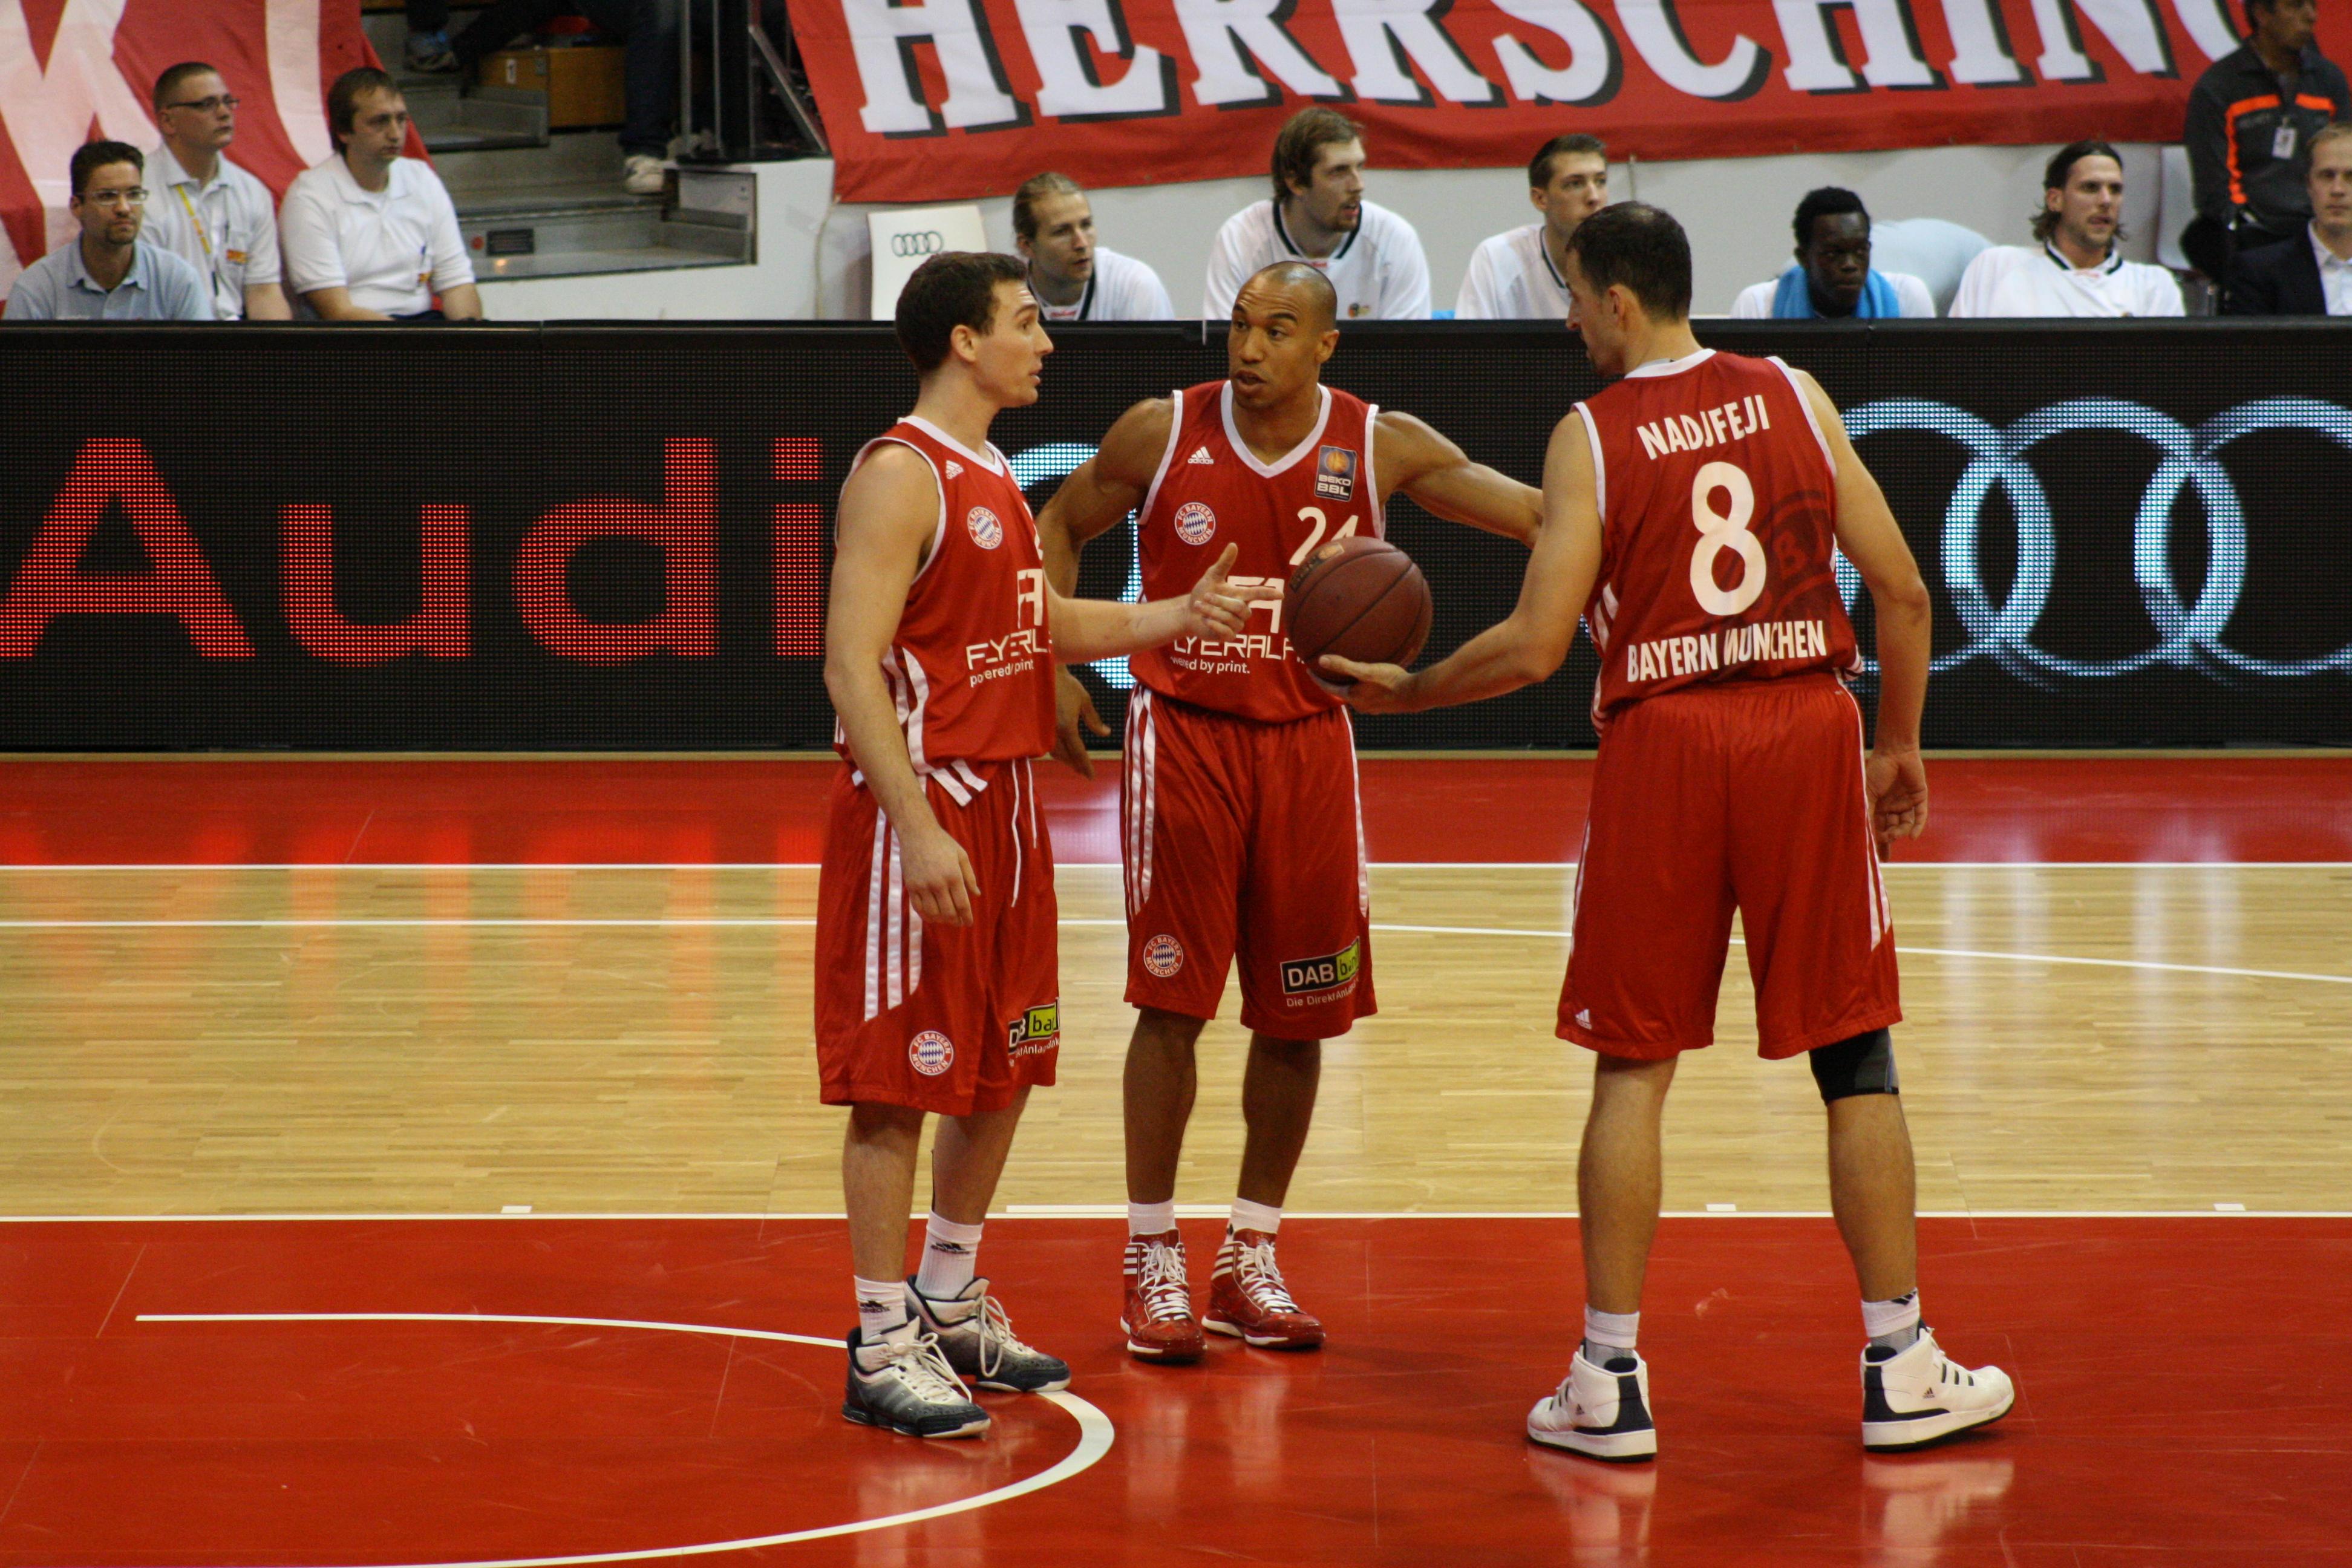 fc bayern basketball damen